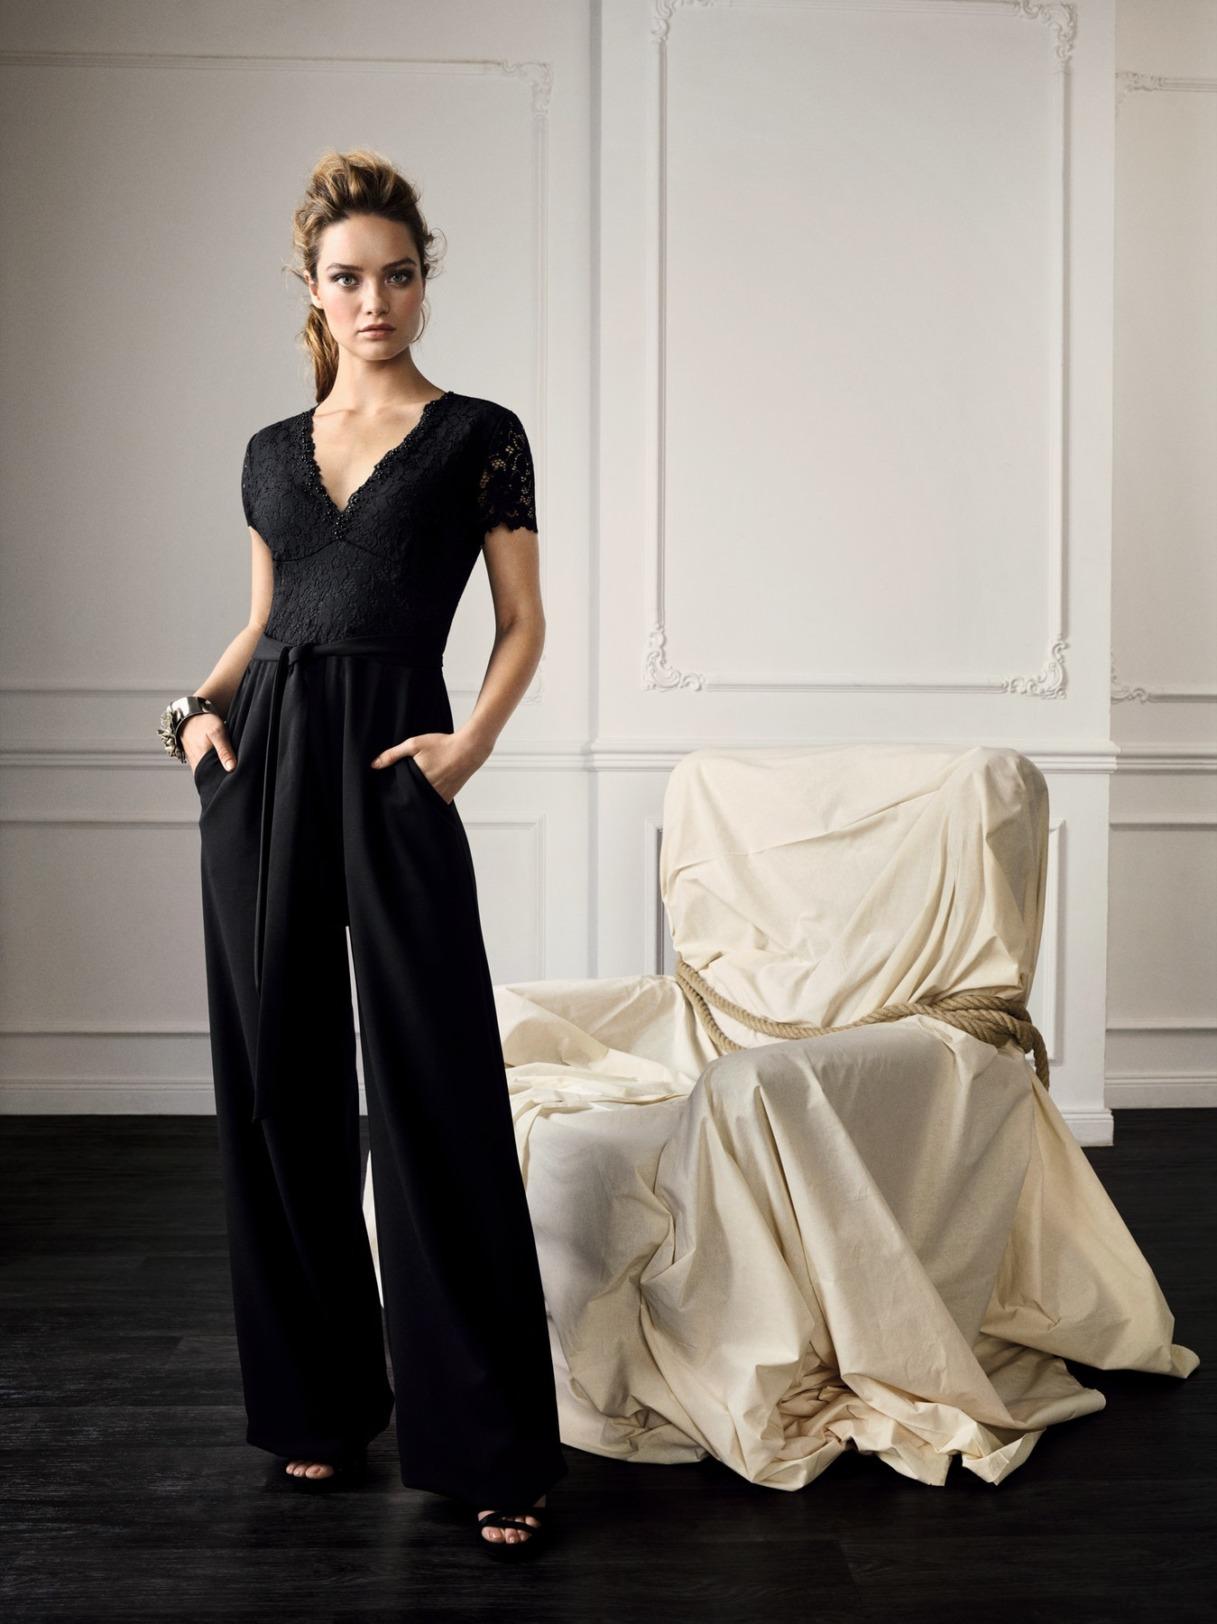 Hosenanzug Jumpsuit Anlass Mode für Damen Abiball Konfirmation Hochzeit Gast Kleidung für Eltern schwarz mit Arm Vera Mont